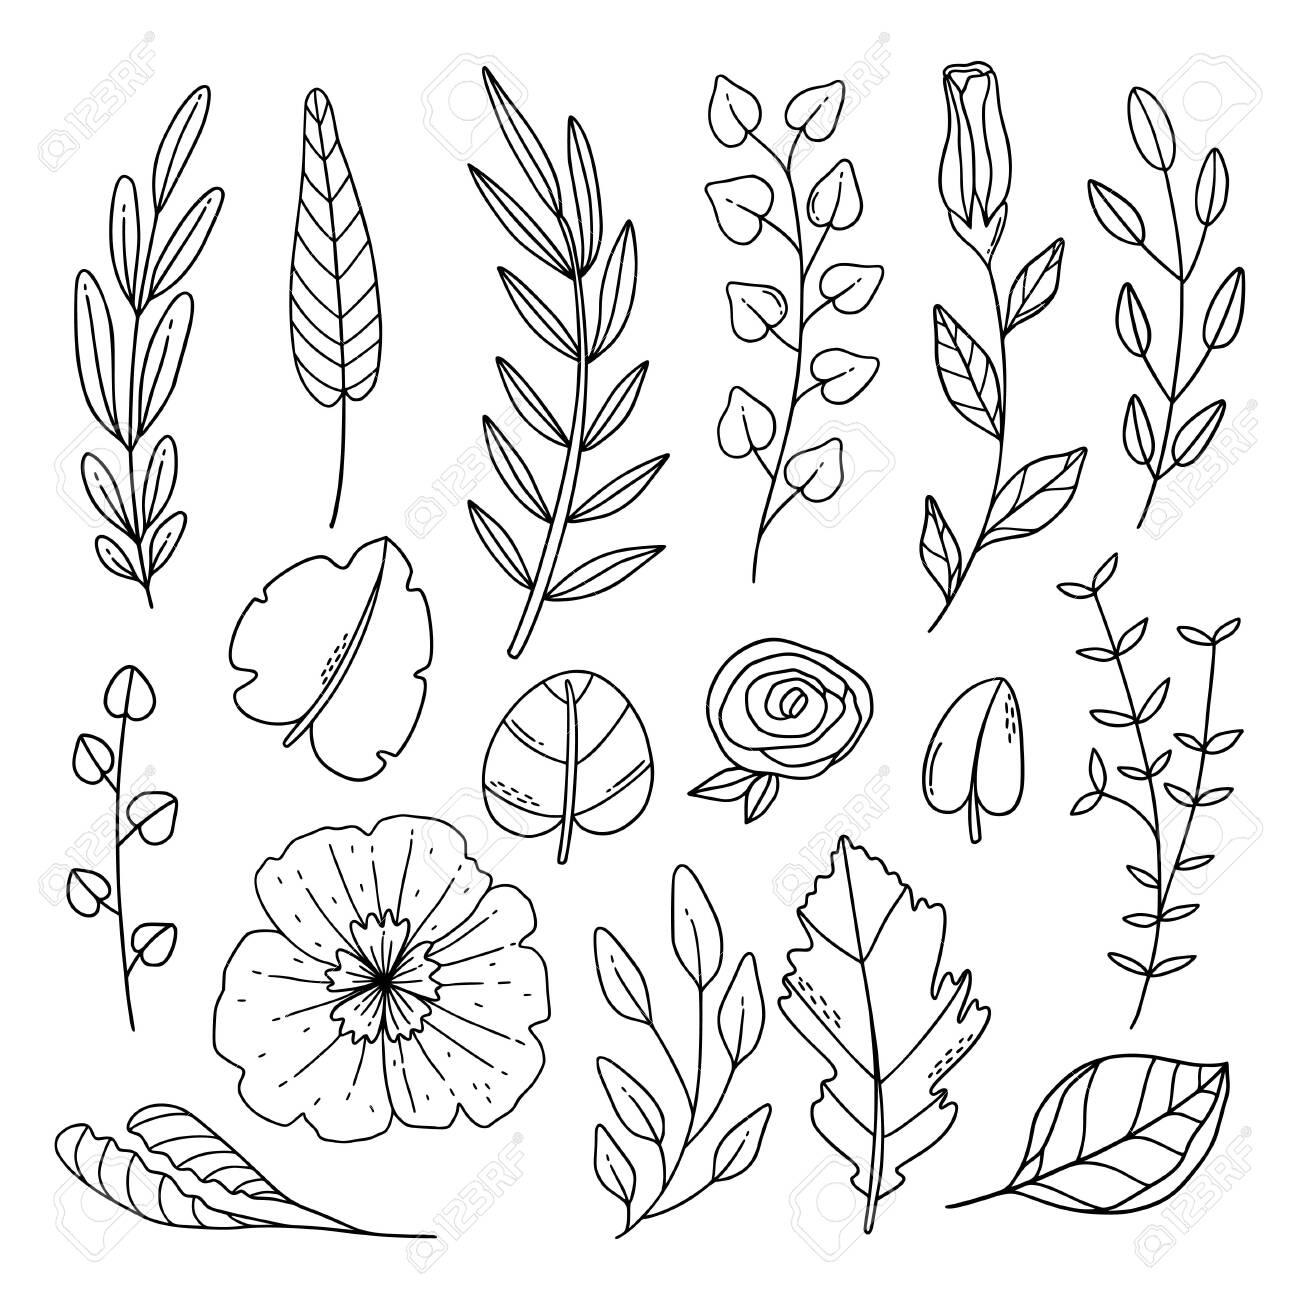 Hand Drawn Line Art Foliage And Flower Collection Lizenzfrei Nutzbare Vektorgrafiken Clip Arts Illustrationen Image 151974199